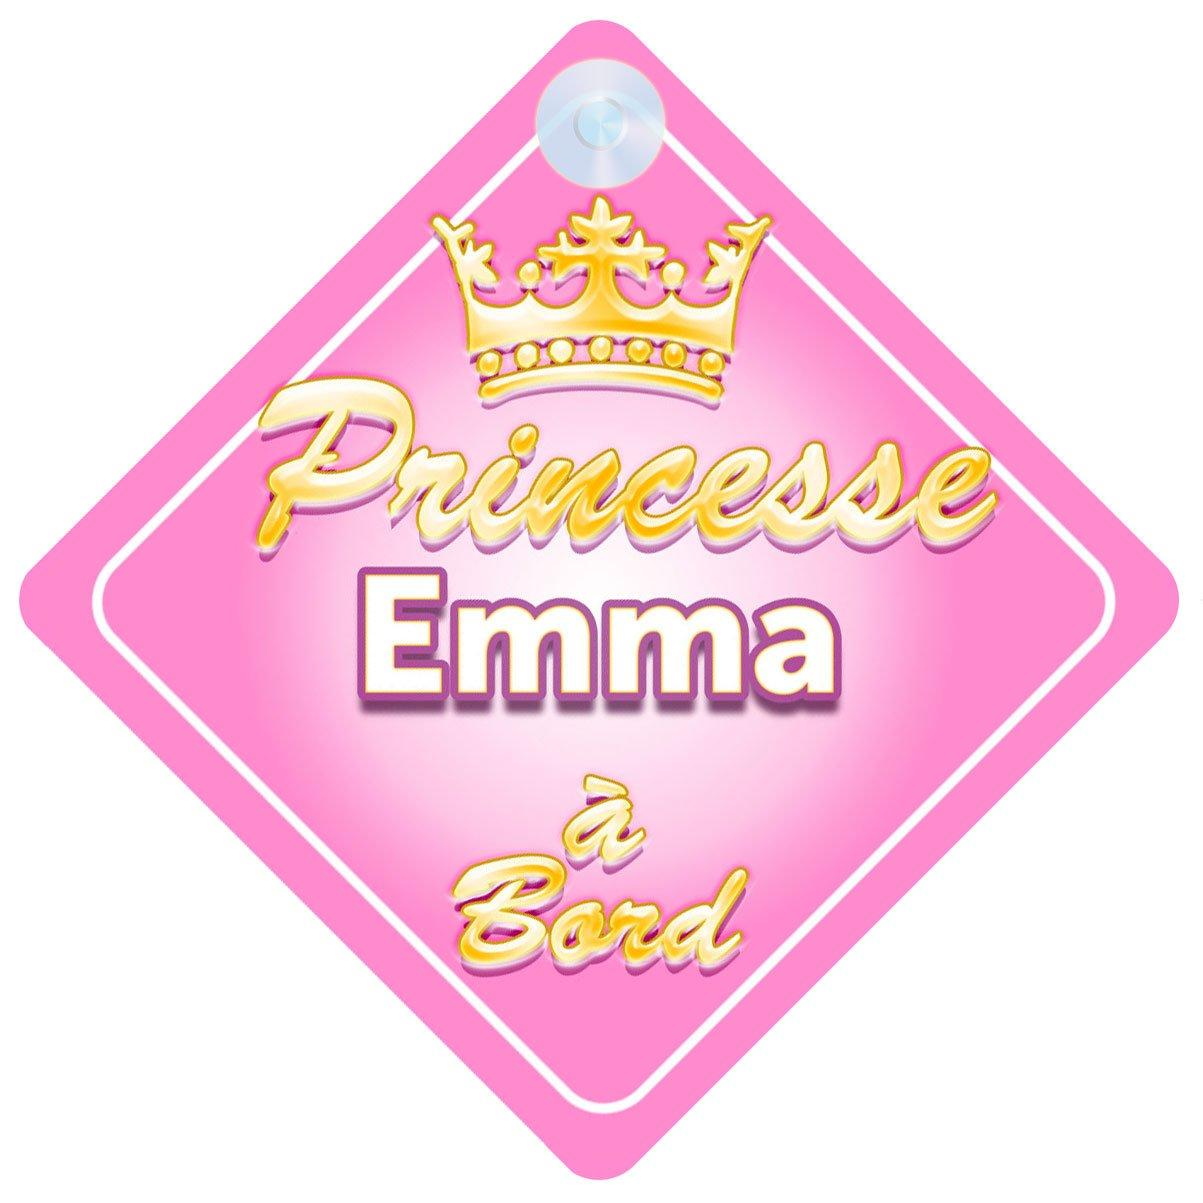 Couronne Princesse Emma Signe Pour Voiture Enfant/Bébé à Bord Quality Goods Ltd